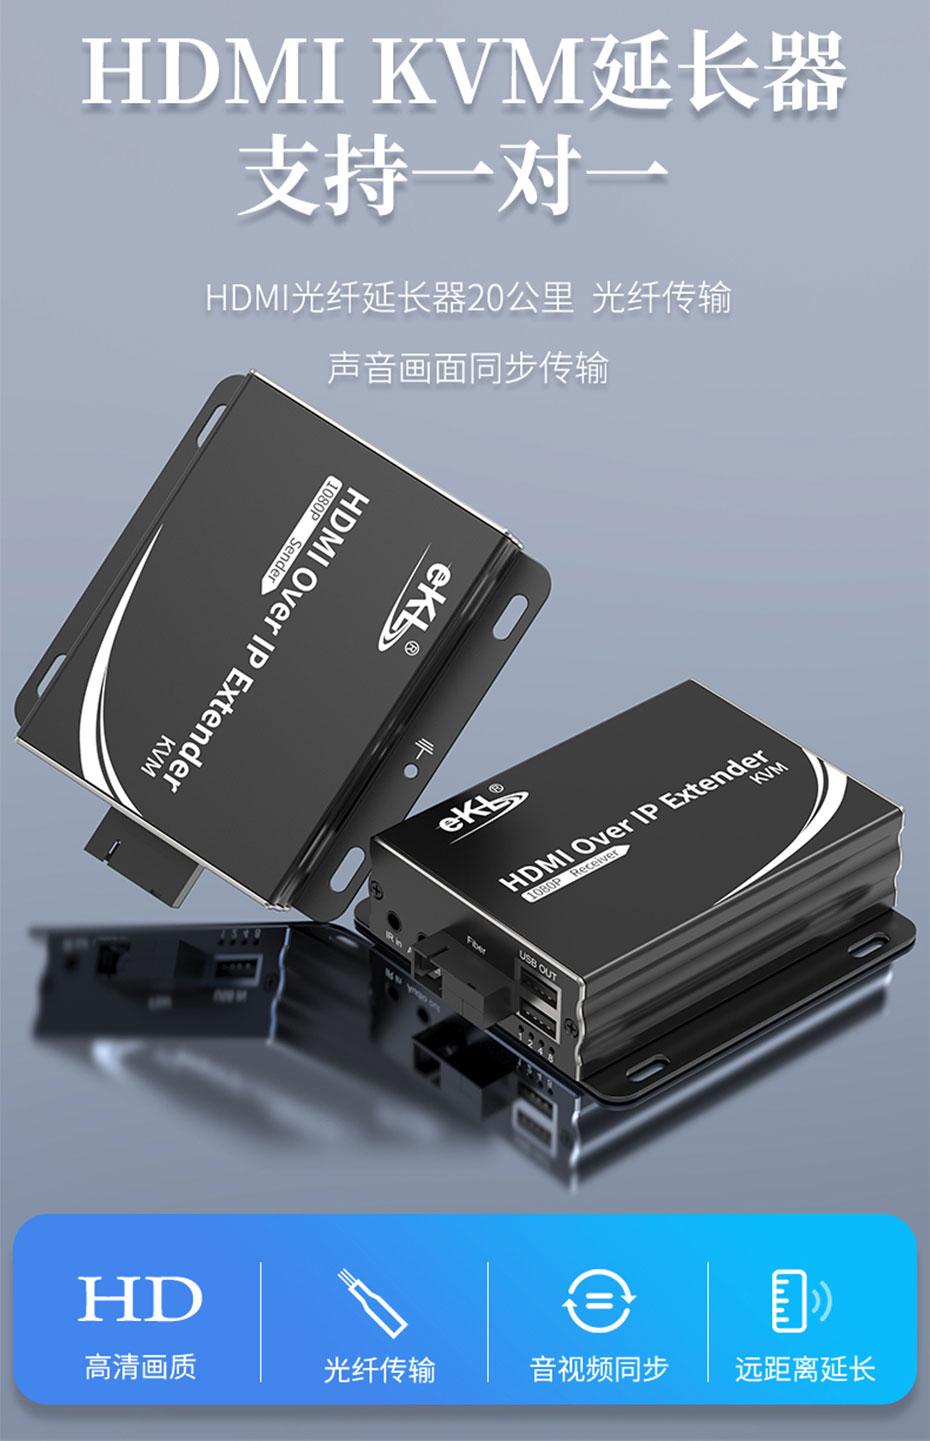 HDMI KVM光纤延长器HE001